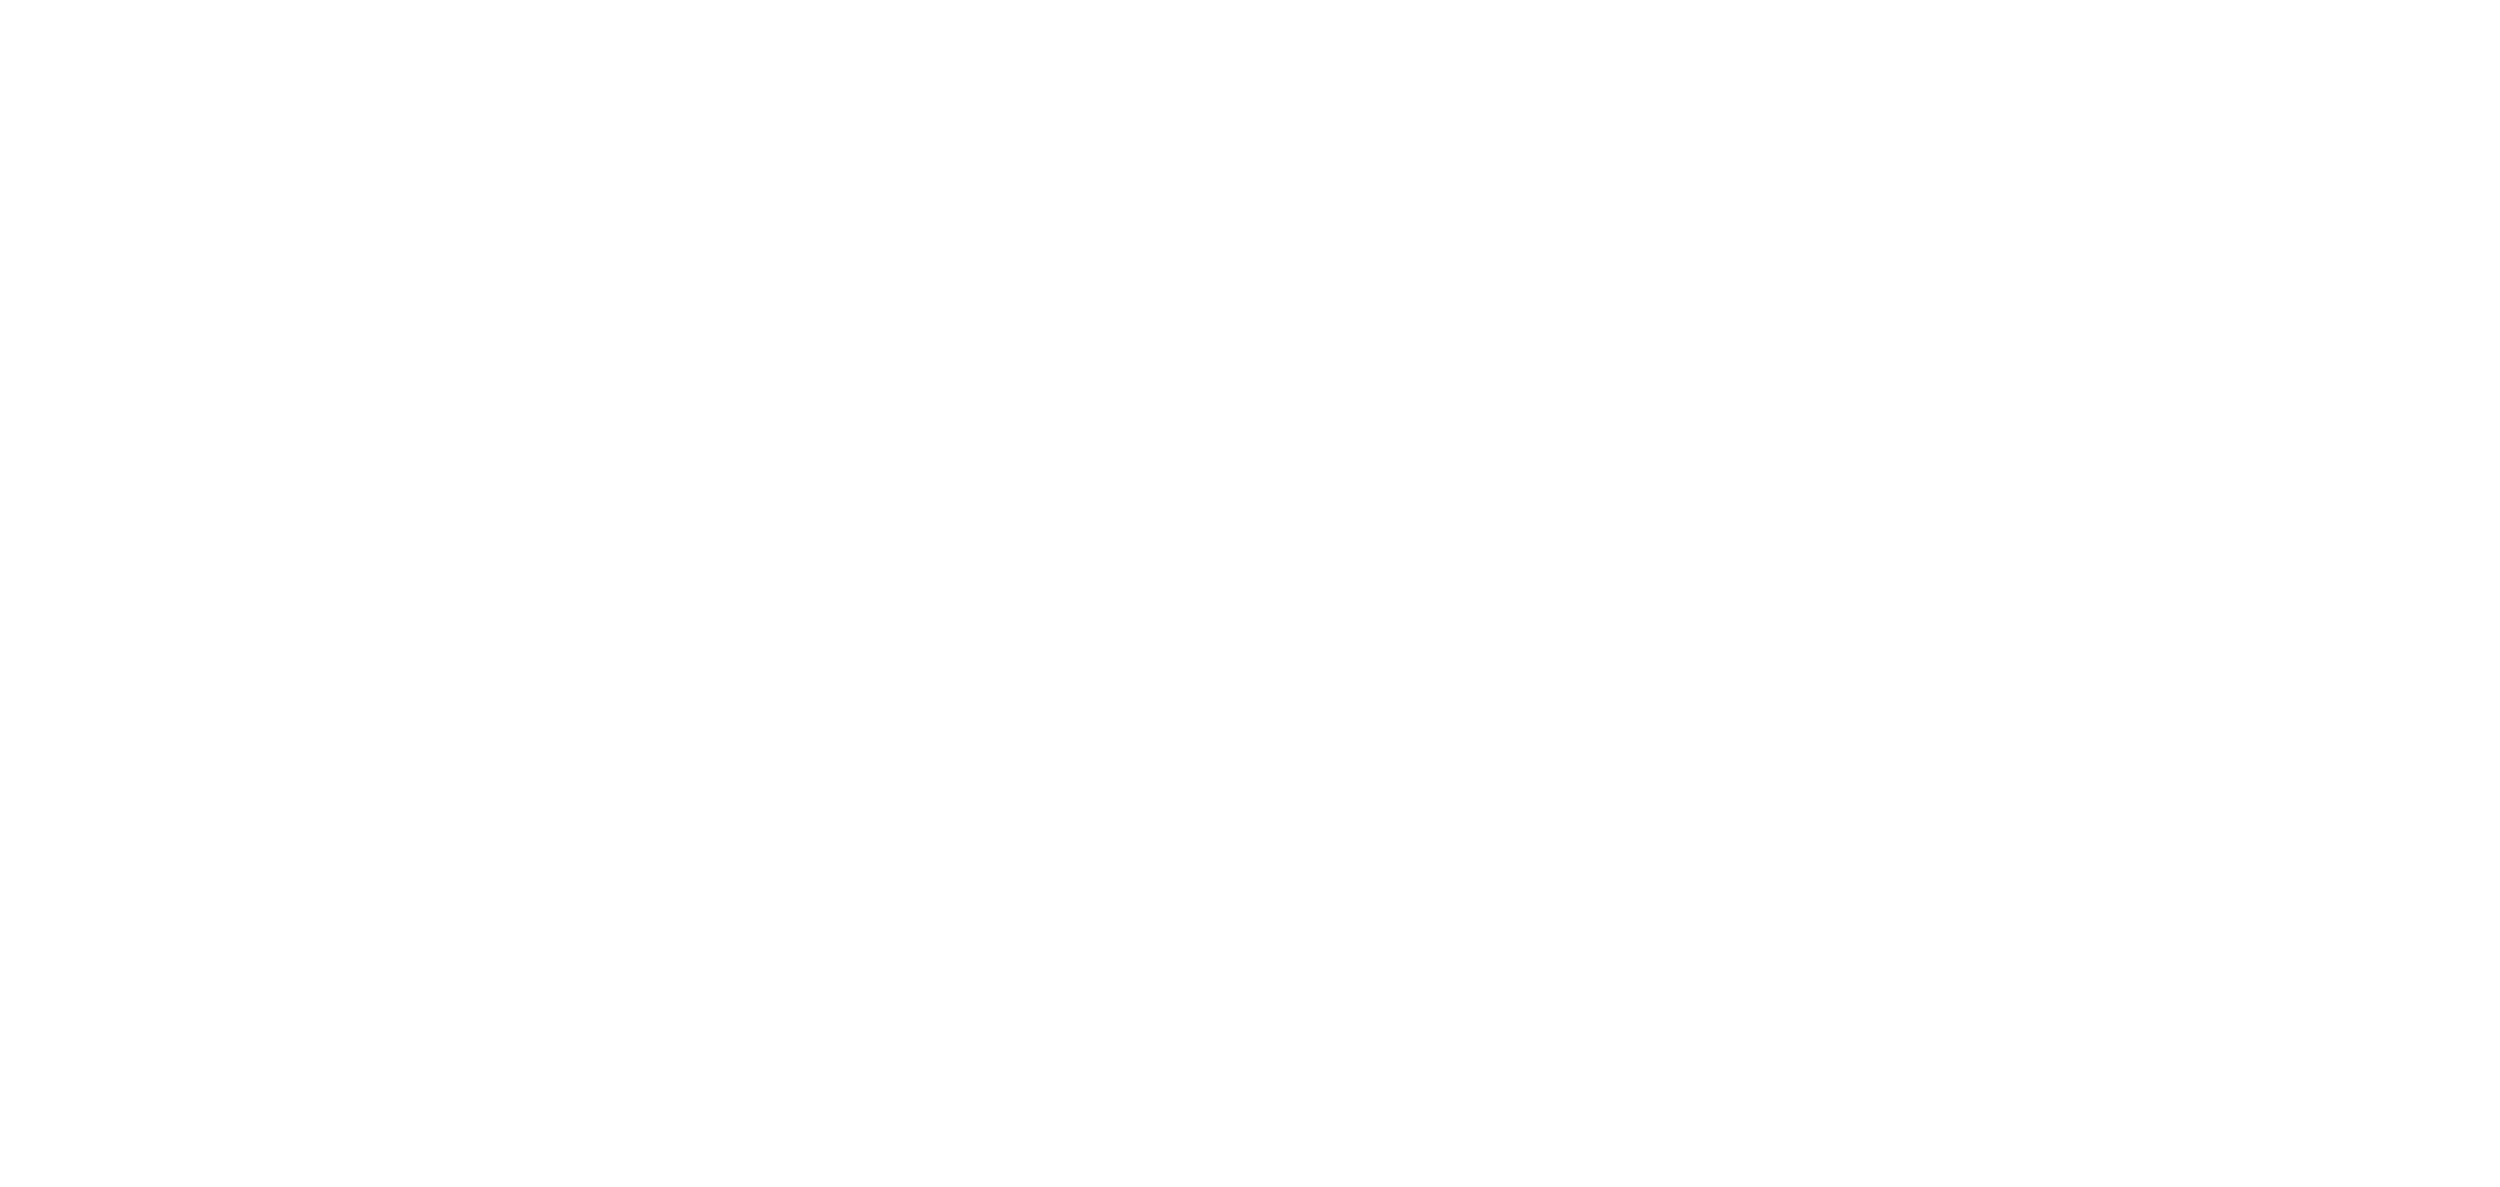 Moment Ministry - logo (Full FINAL) white LG.PNG